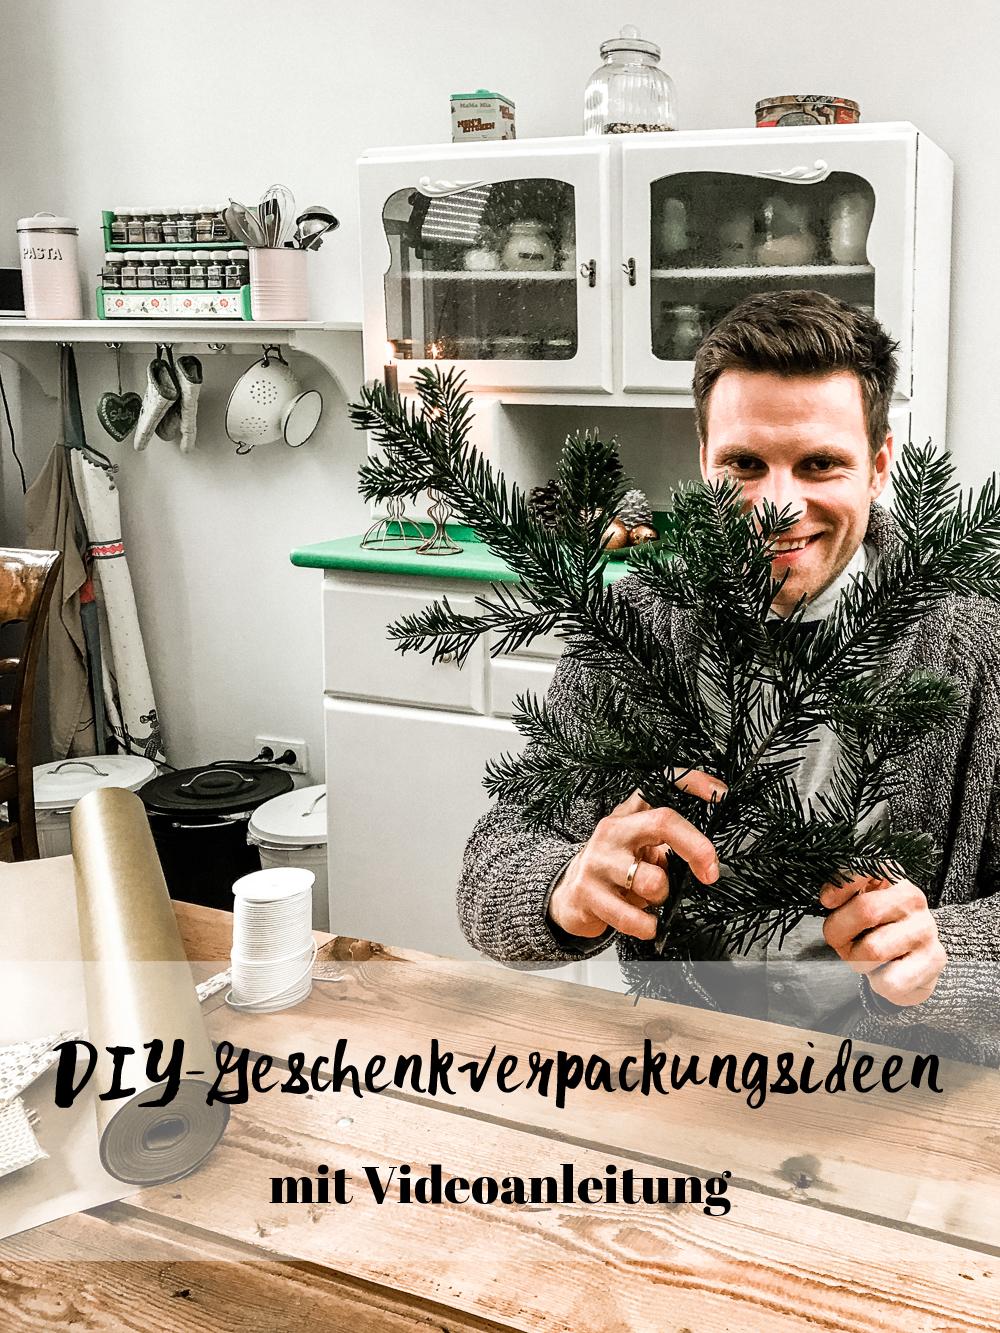 DIY Geschenk-Verpackungsideen